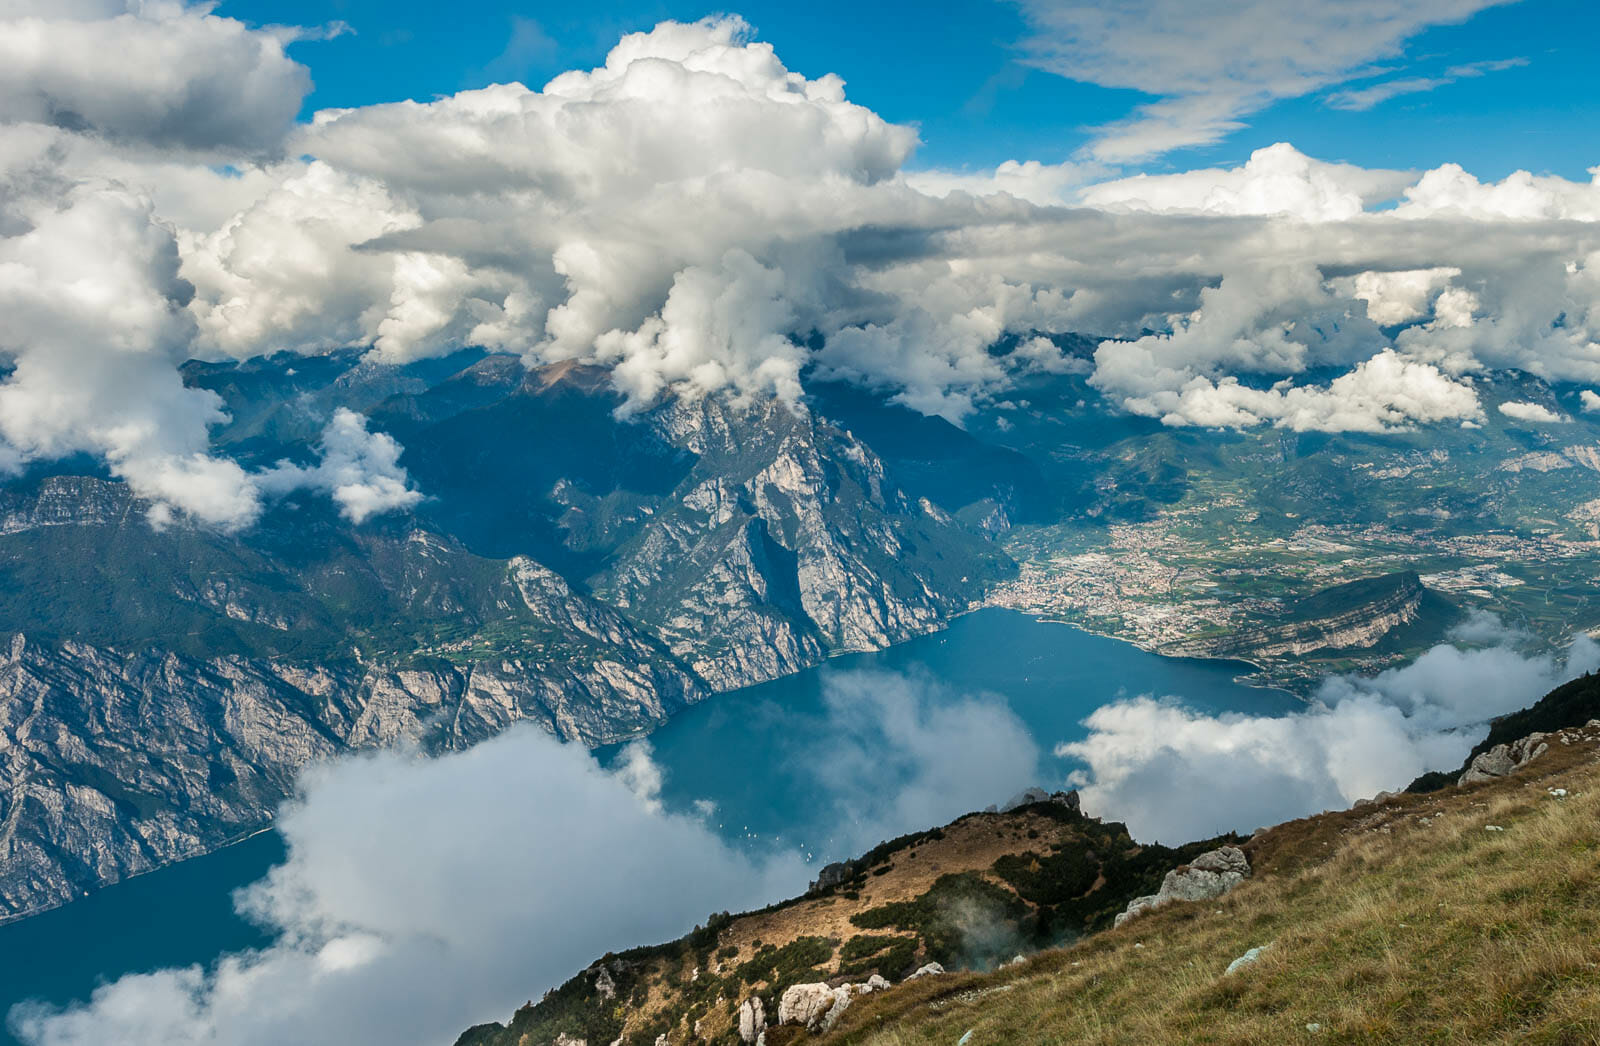 vista lago dal monte altissimo in autunno